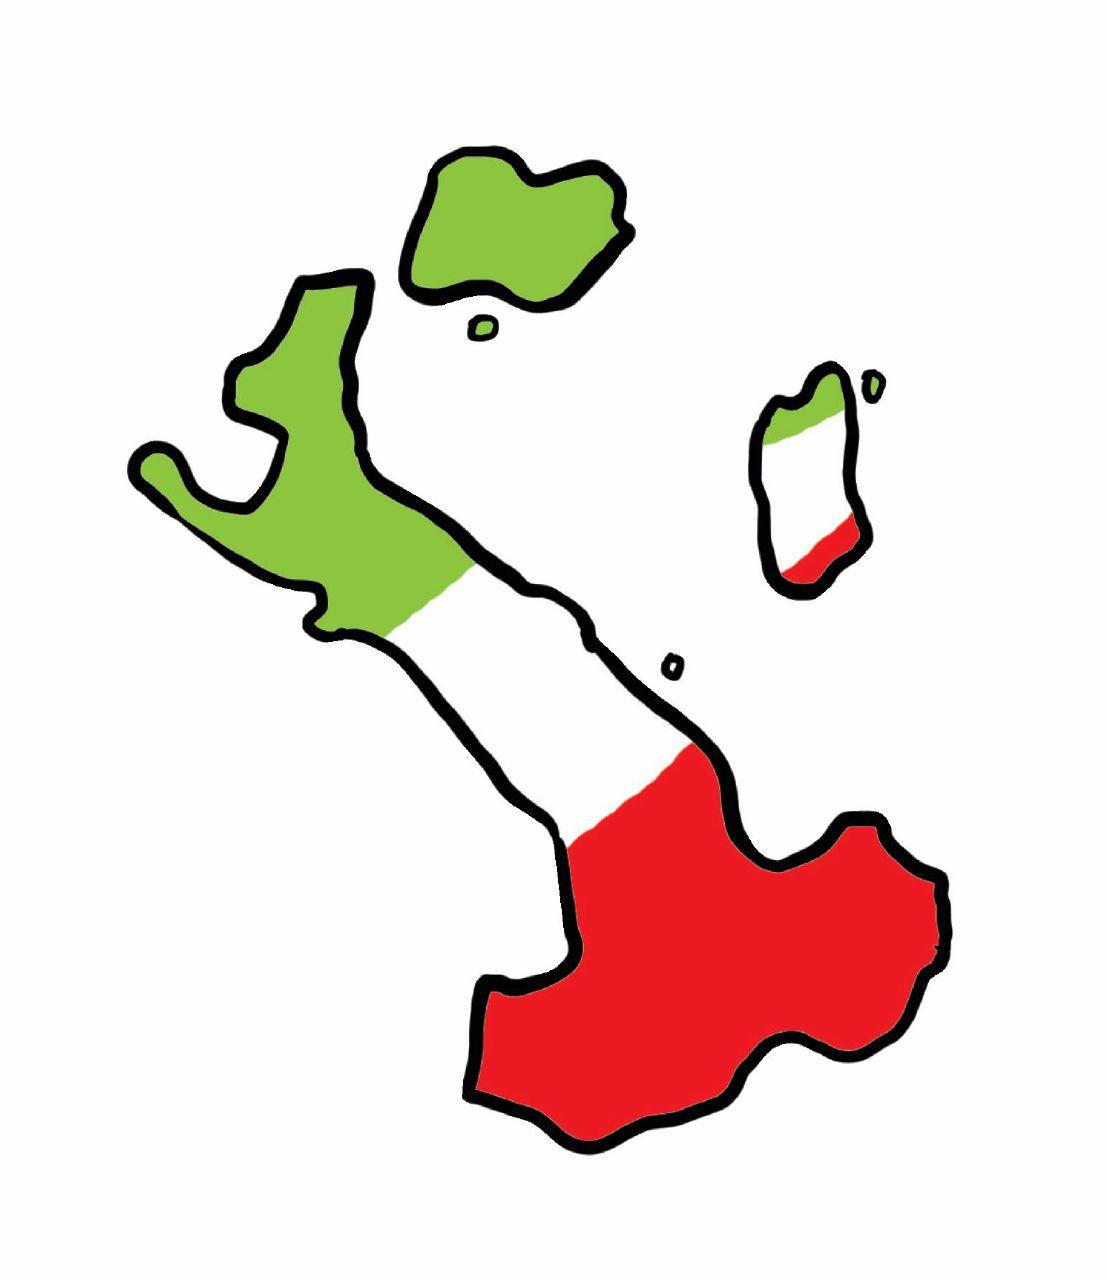 Alberto Dubito e Fausto & Iaio: Milano inghiotte ancora i ventenni